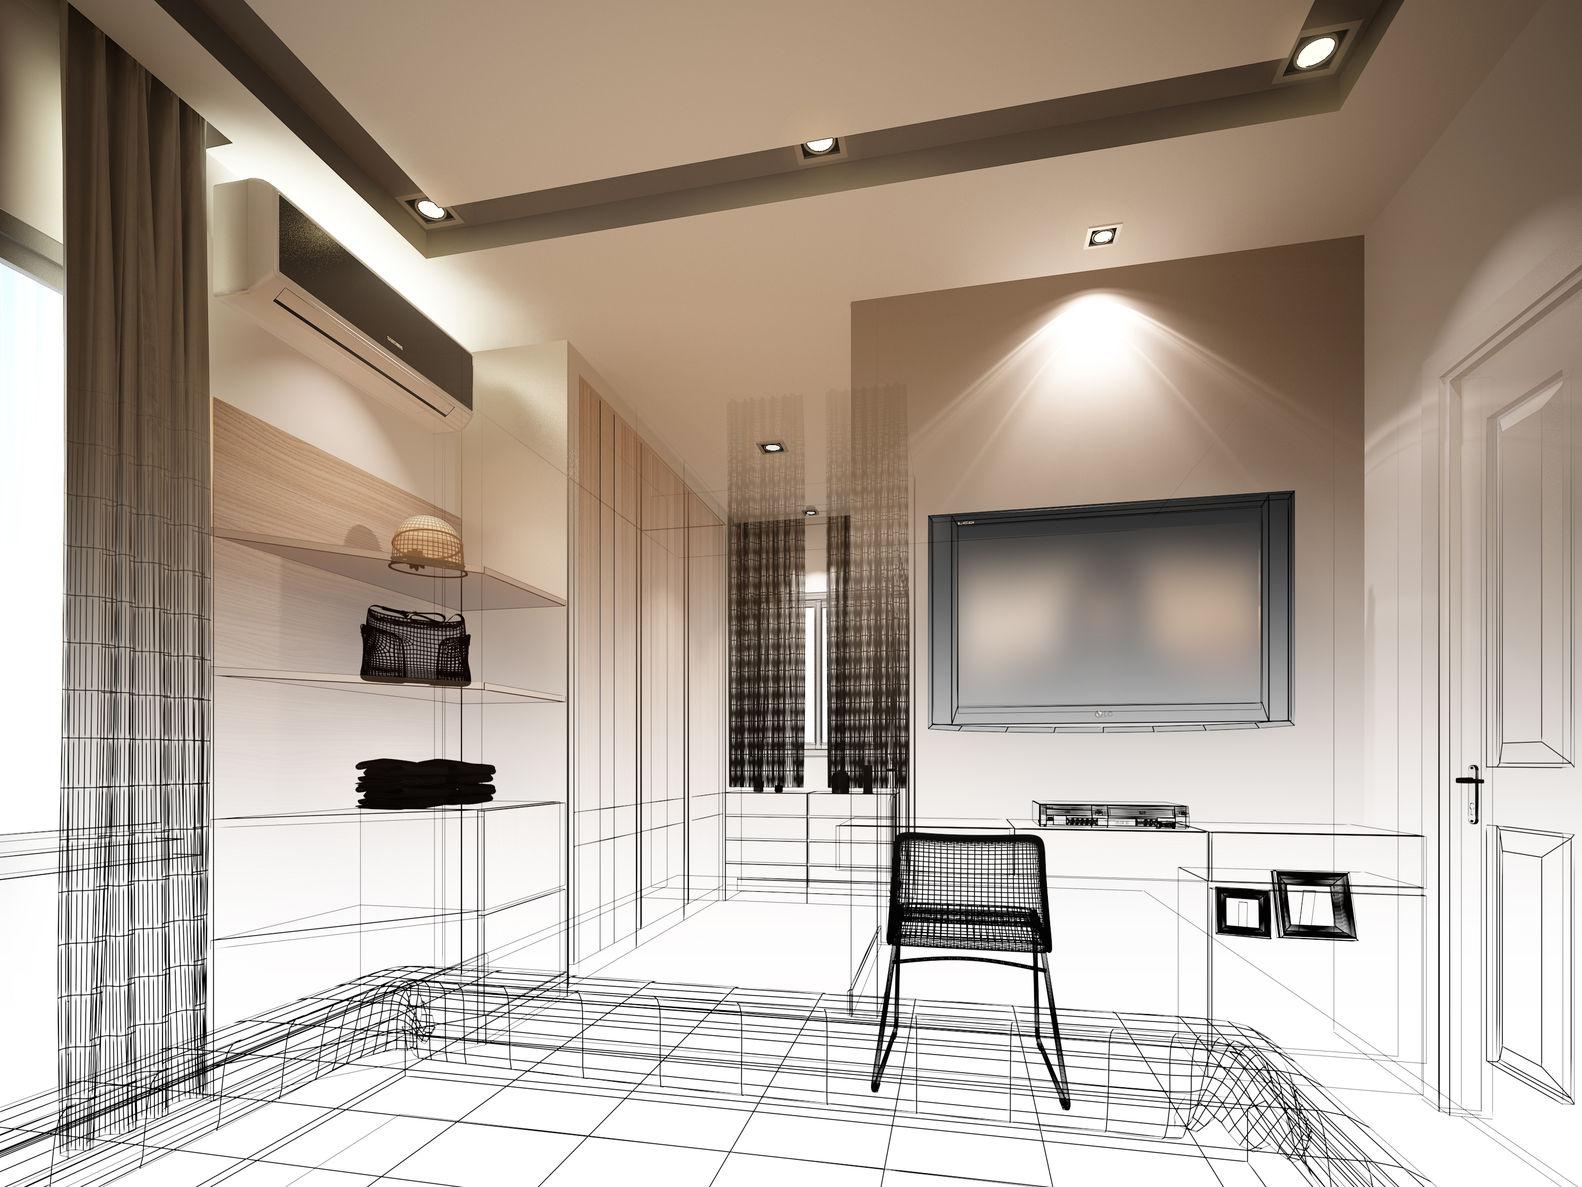 Il corso di design e interior design illustra teorie e personaggi attraverso l'analisi di elementi di design o di architettura di interni. Corsi Interior Design Cosenza